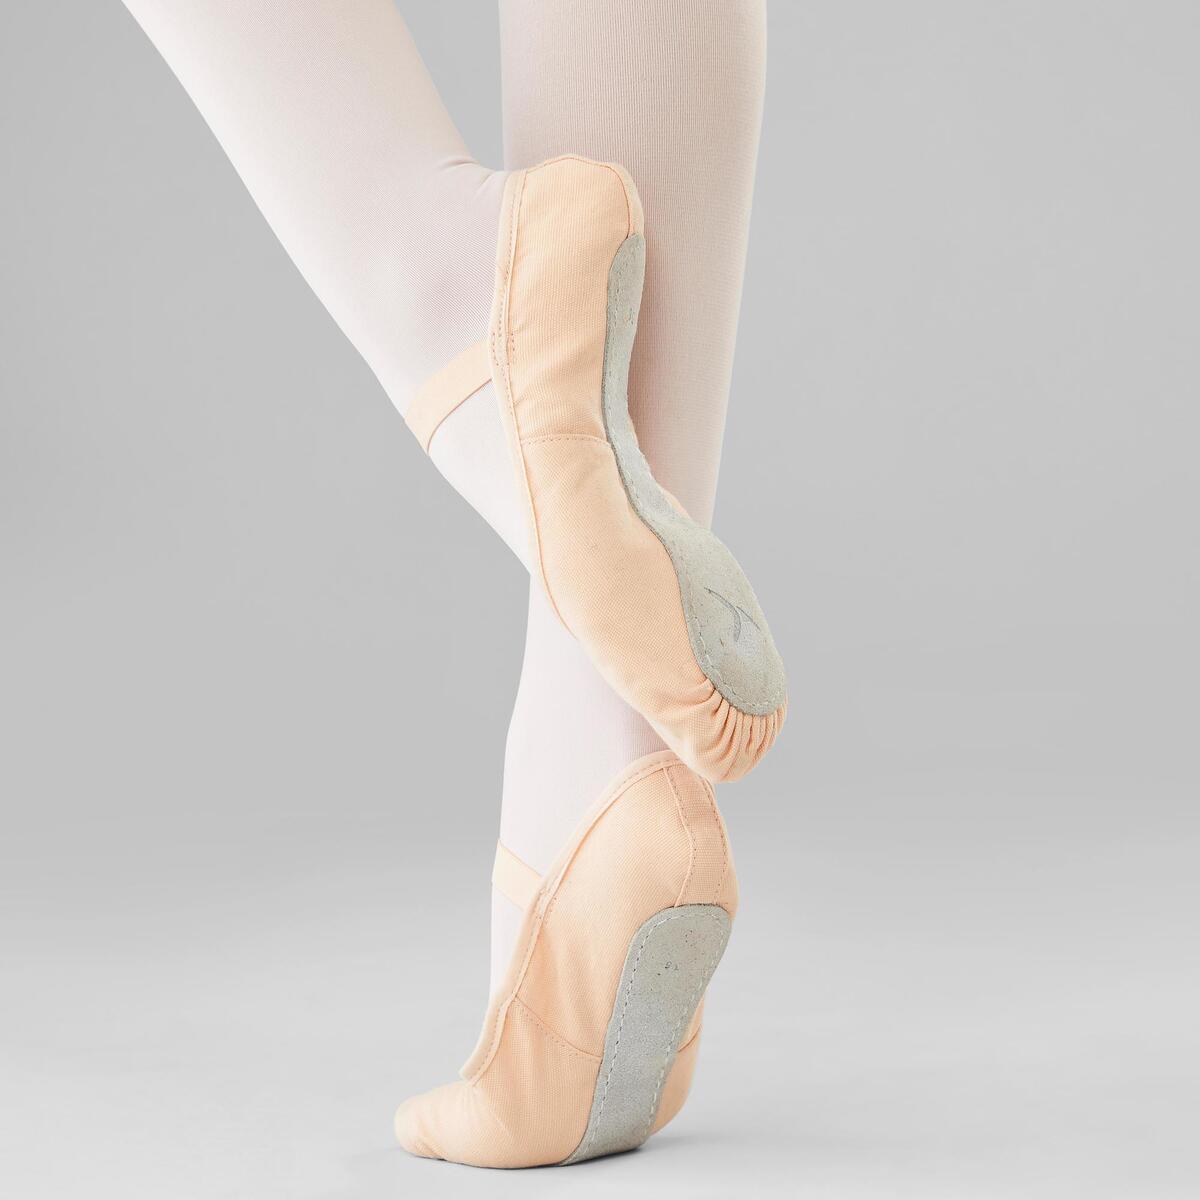 Bild 5 von Ballettschuhe Halbspitze Leinen durchgehende Sohle Gr.25–40 lachsfarben